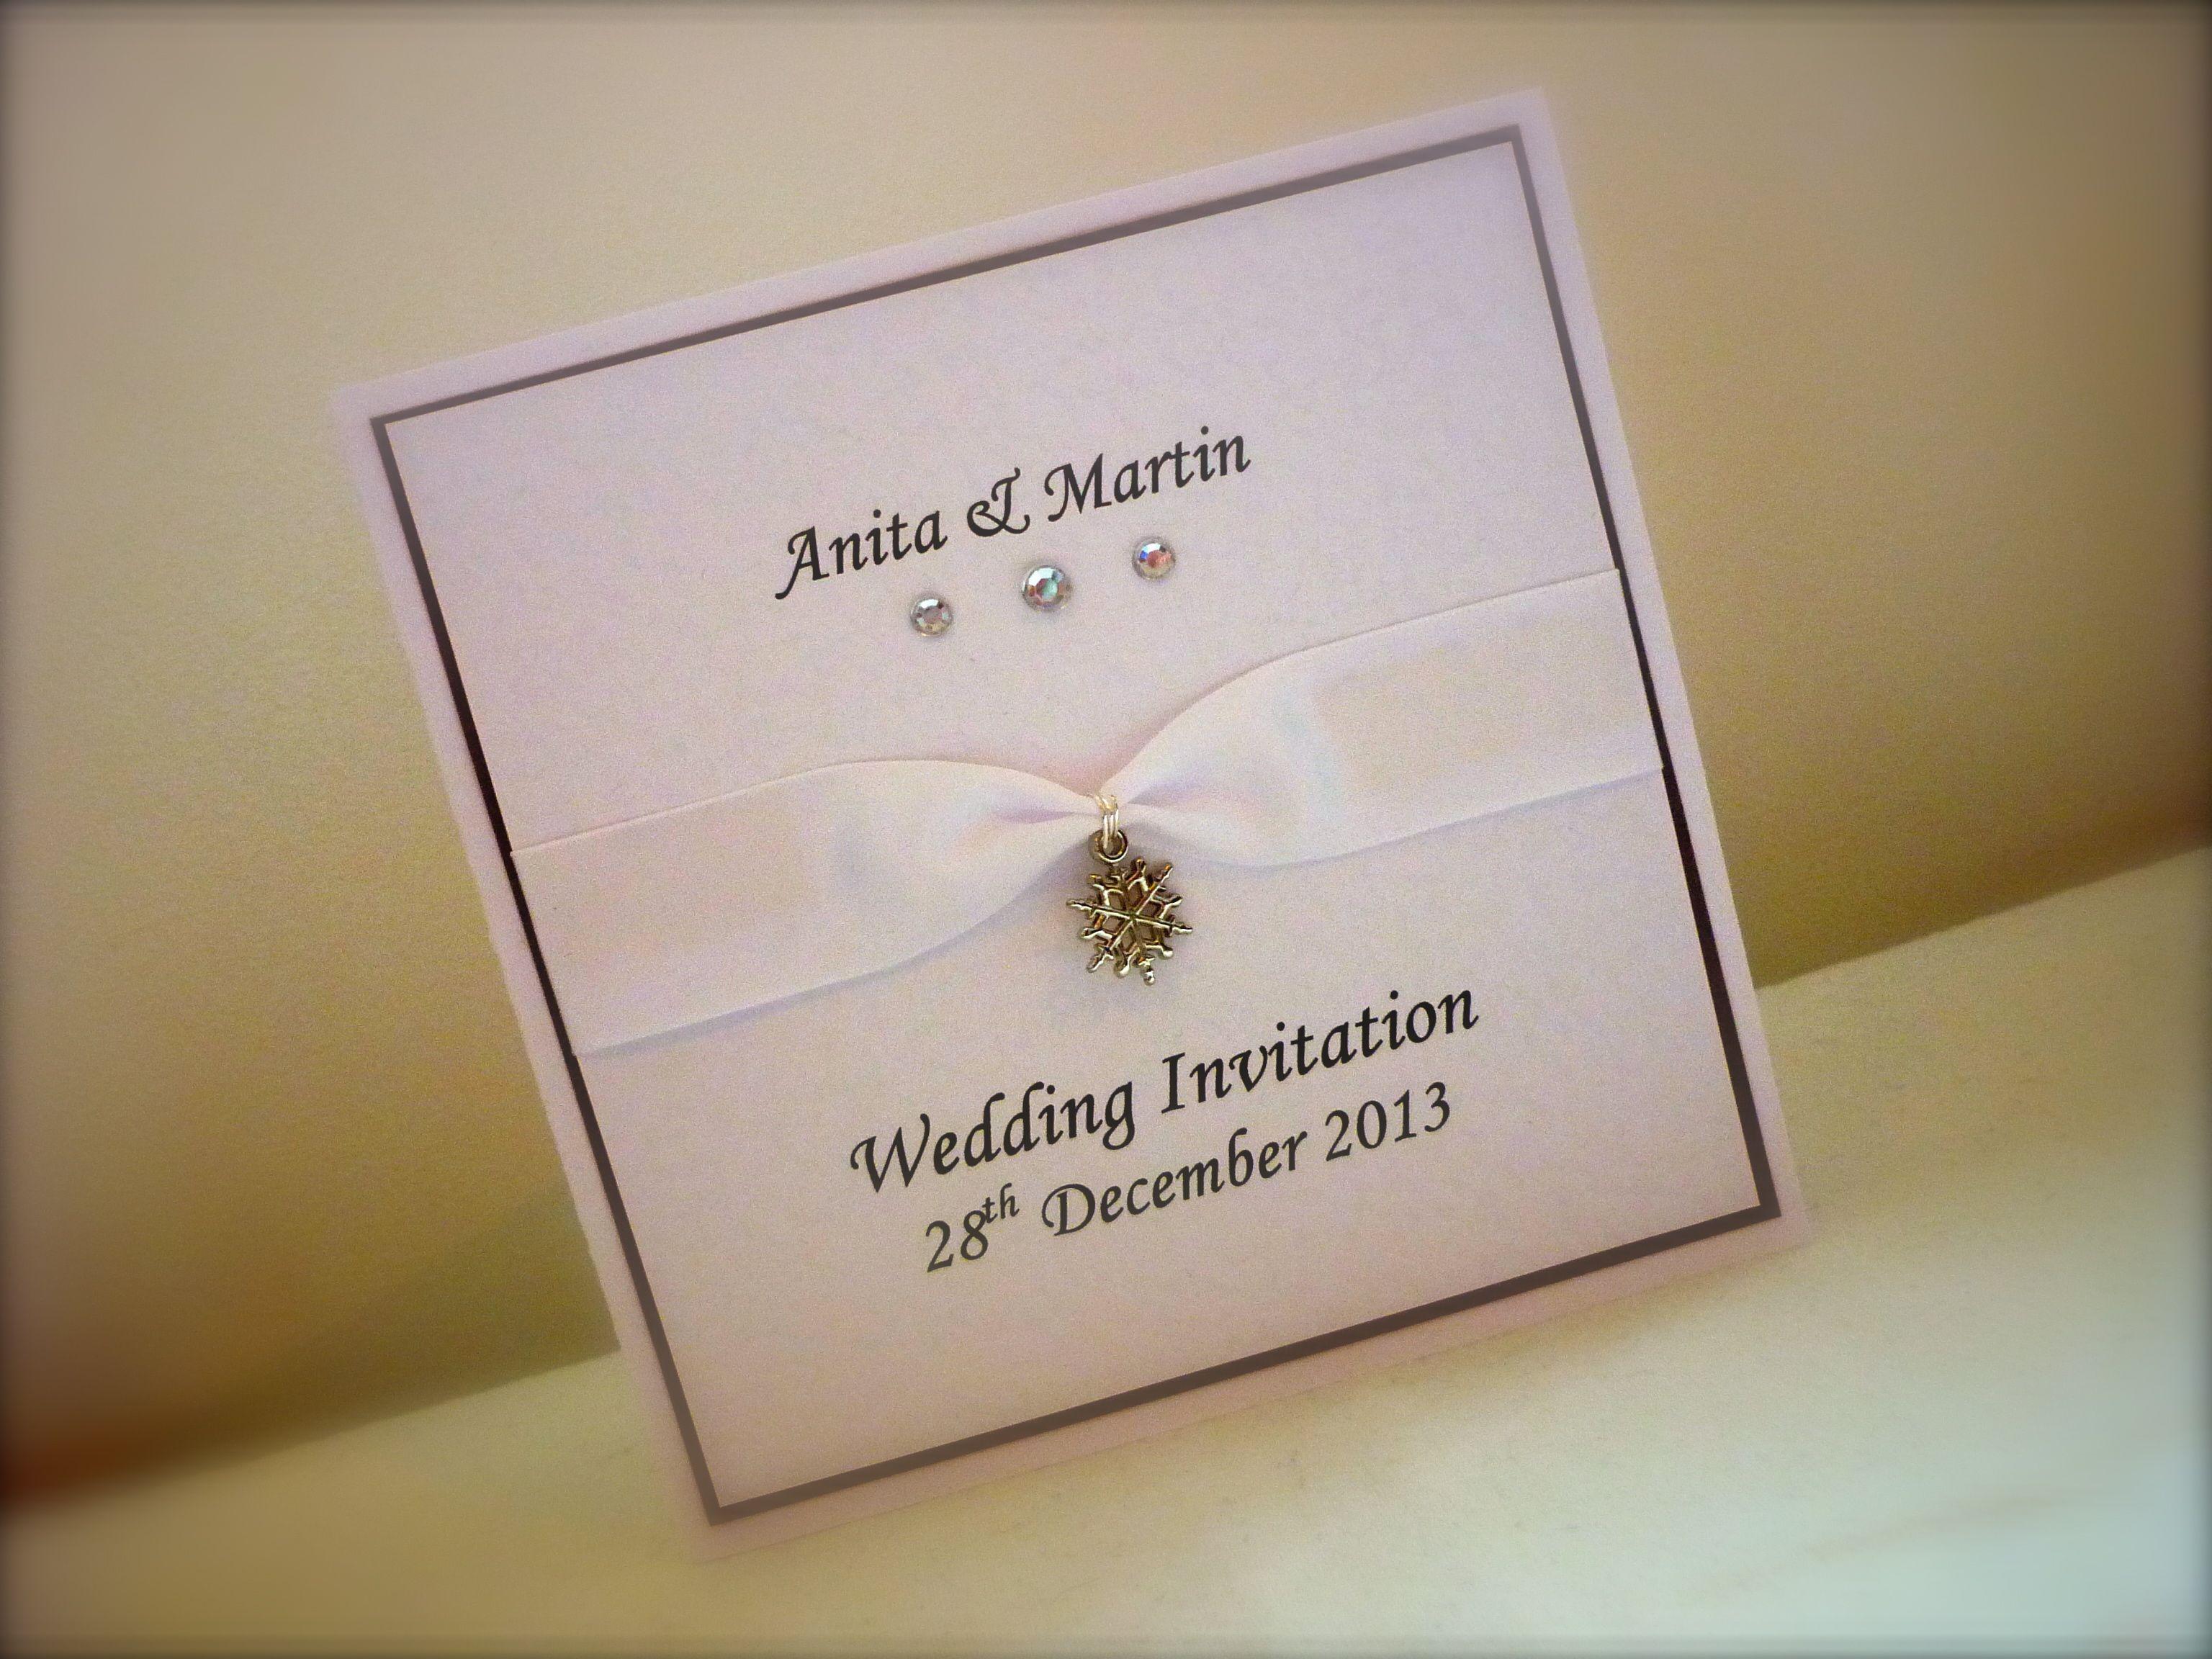 #wedding #wedding stationery #stationery #weddinginvitations #invitations #bride #bridetobe #engaged #vintage